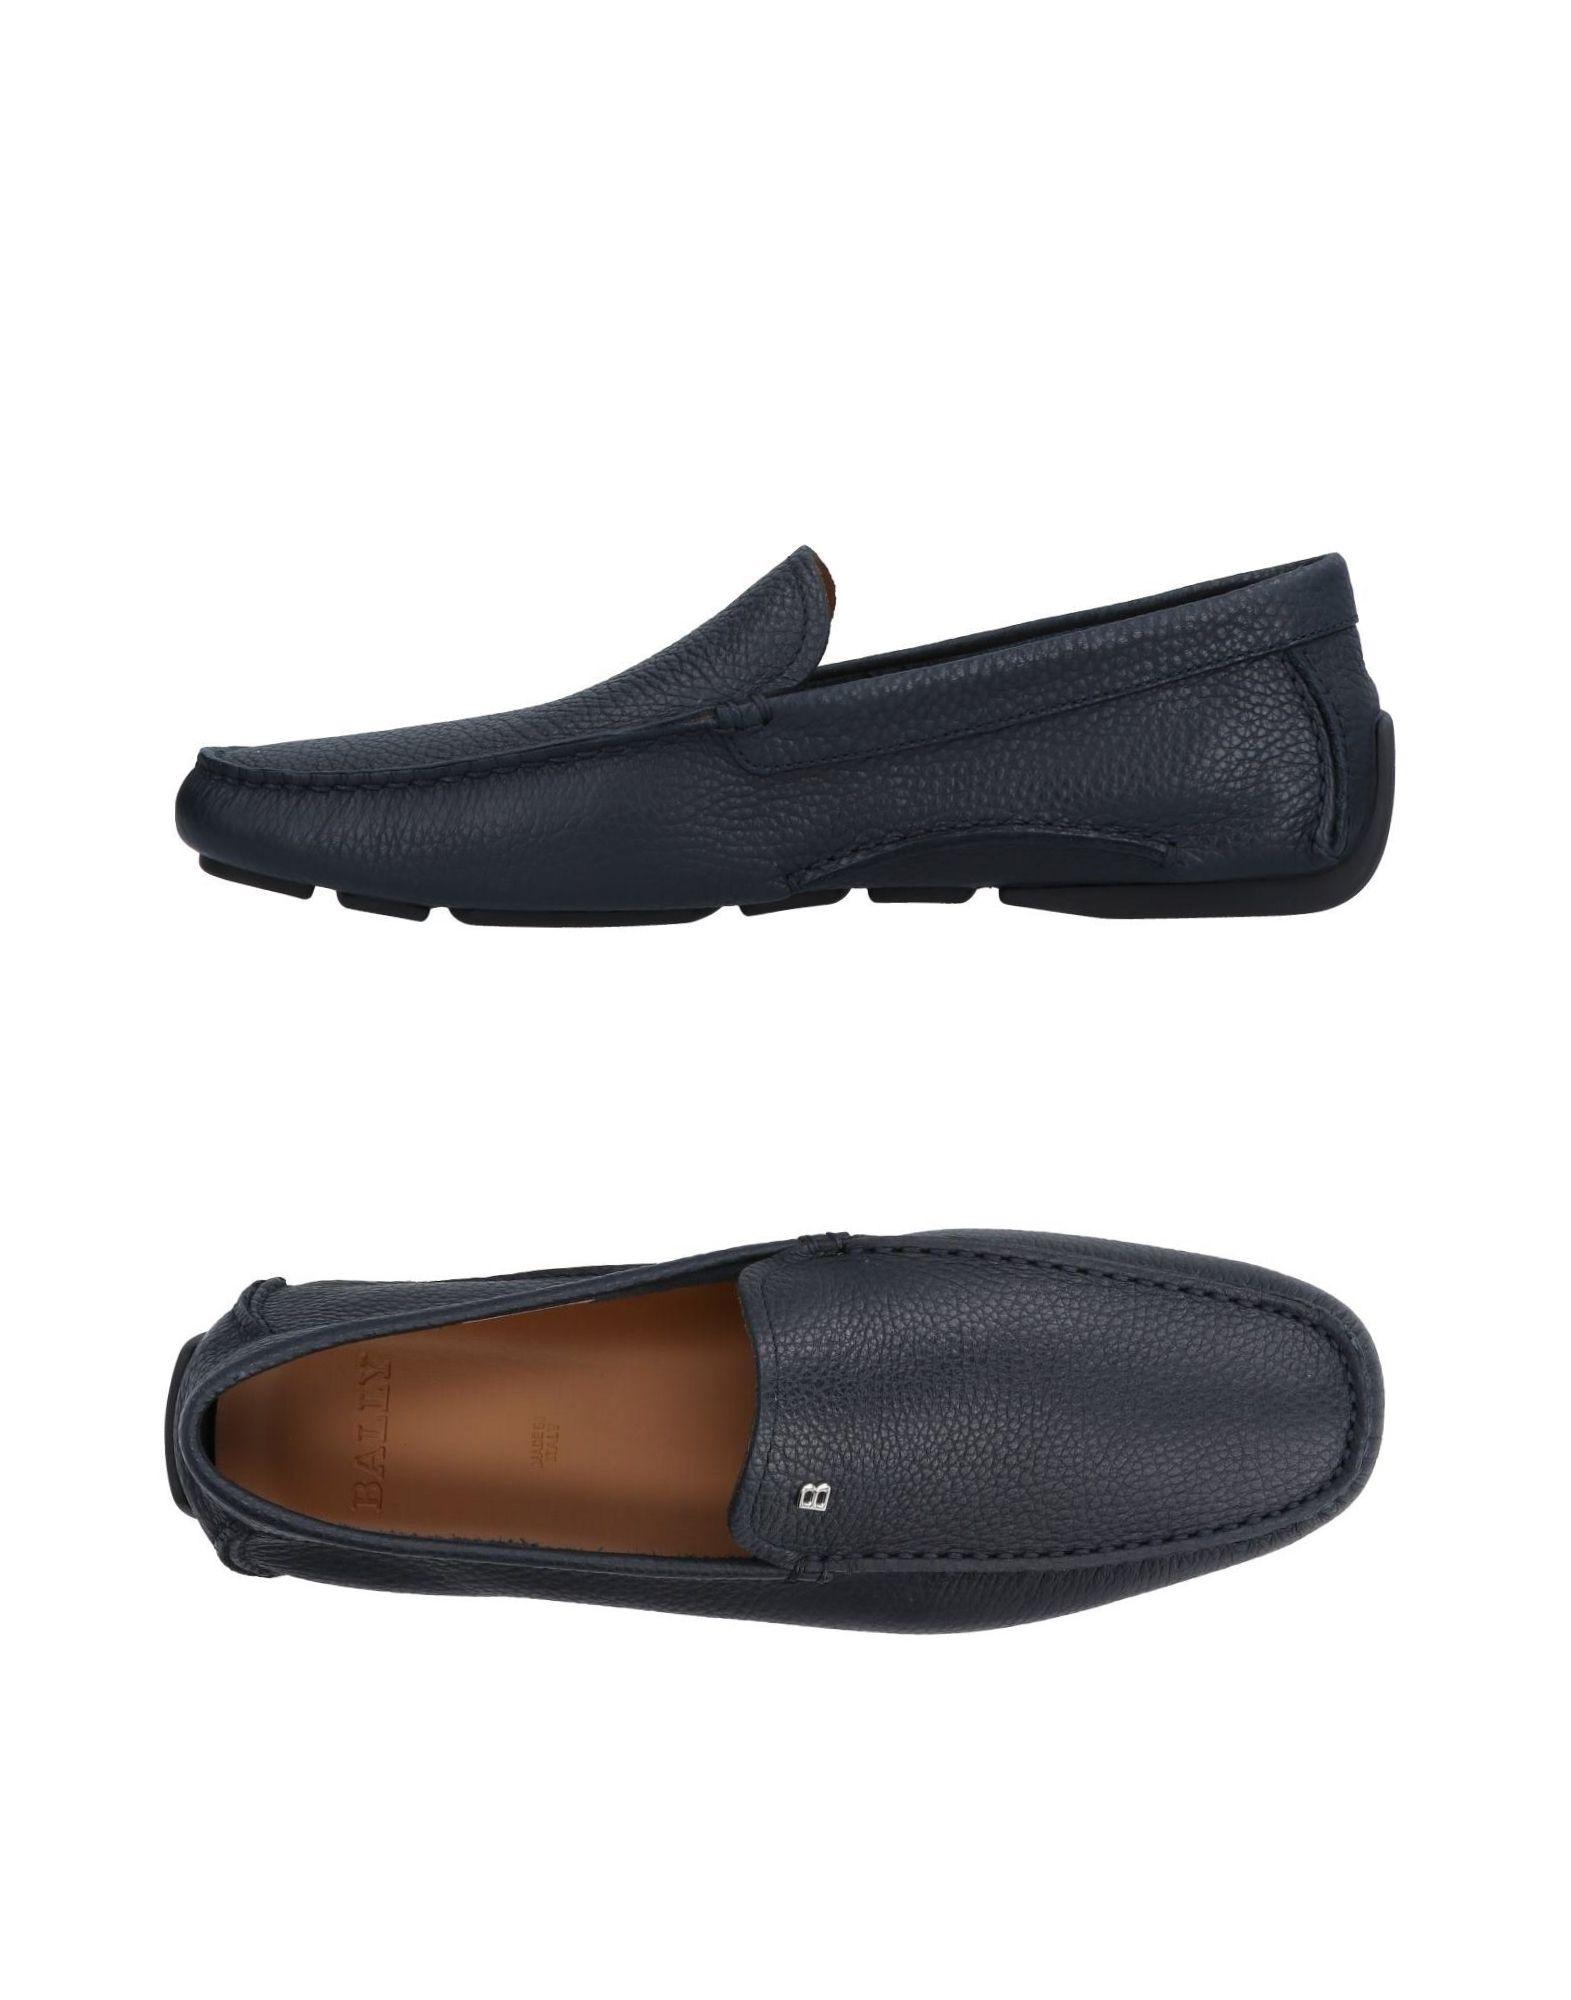 Bally Mokassins Herren  11461238NT Gute Qualität beliebte Schuhe